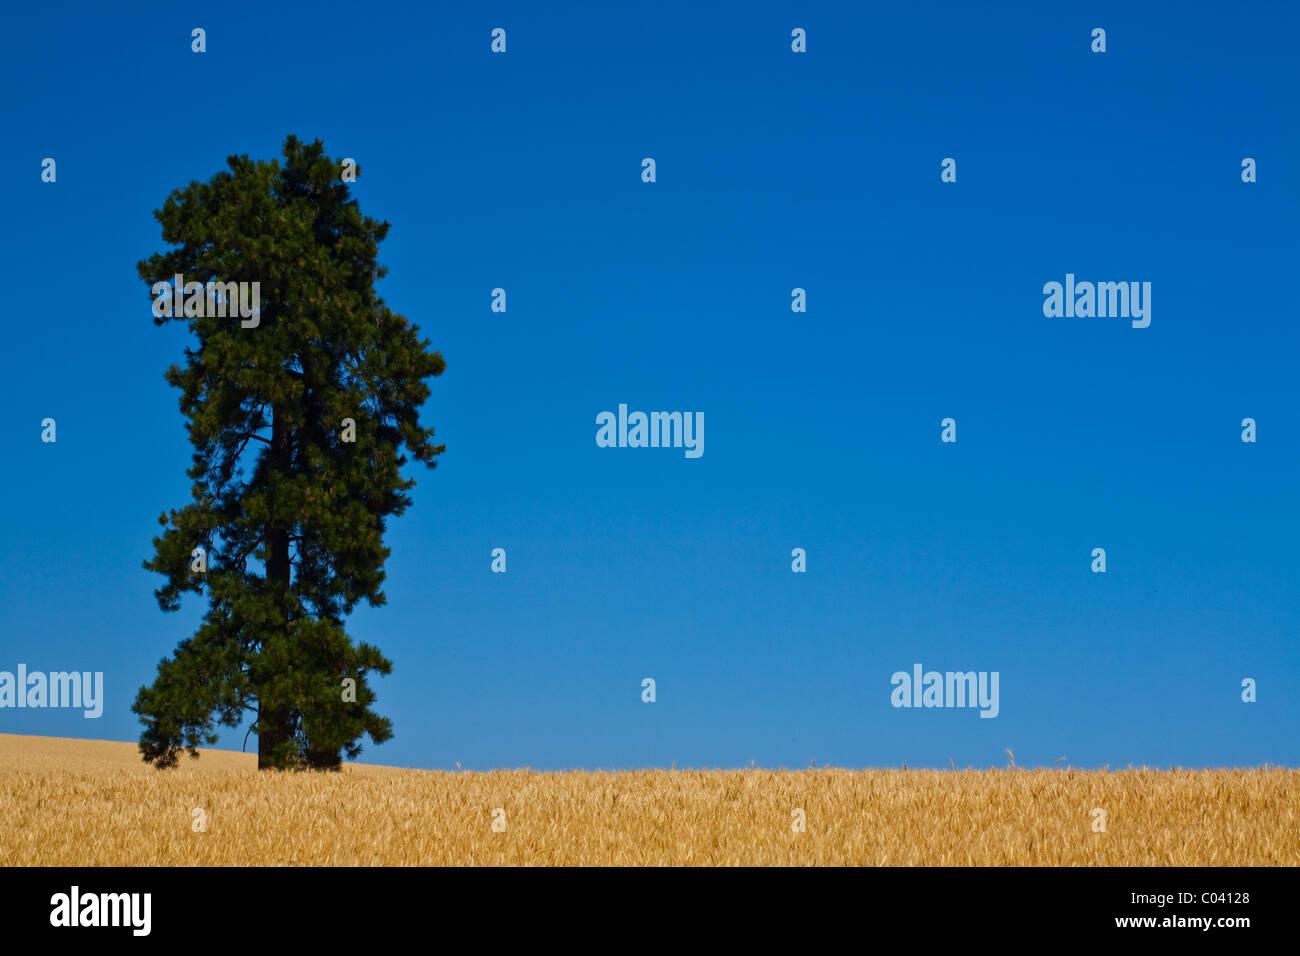 Un arbre isolé dans un champ de blé contre un ciel bleu vif Photo Stock